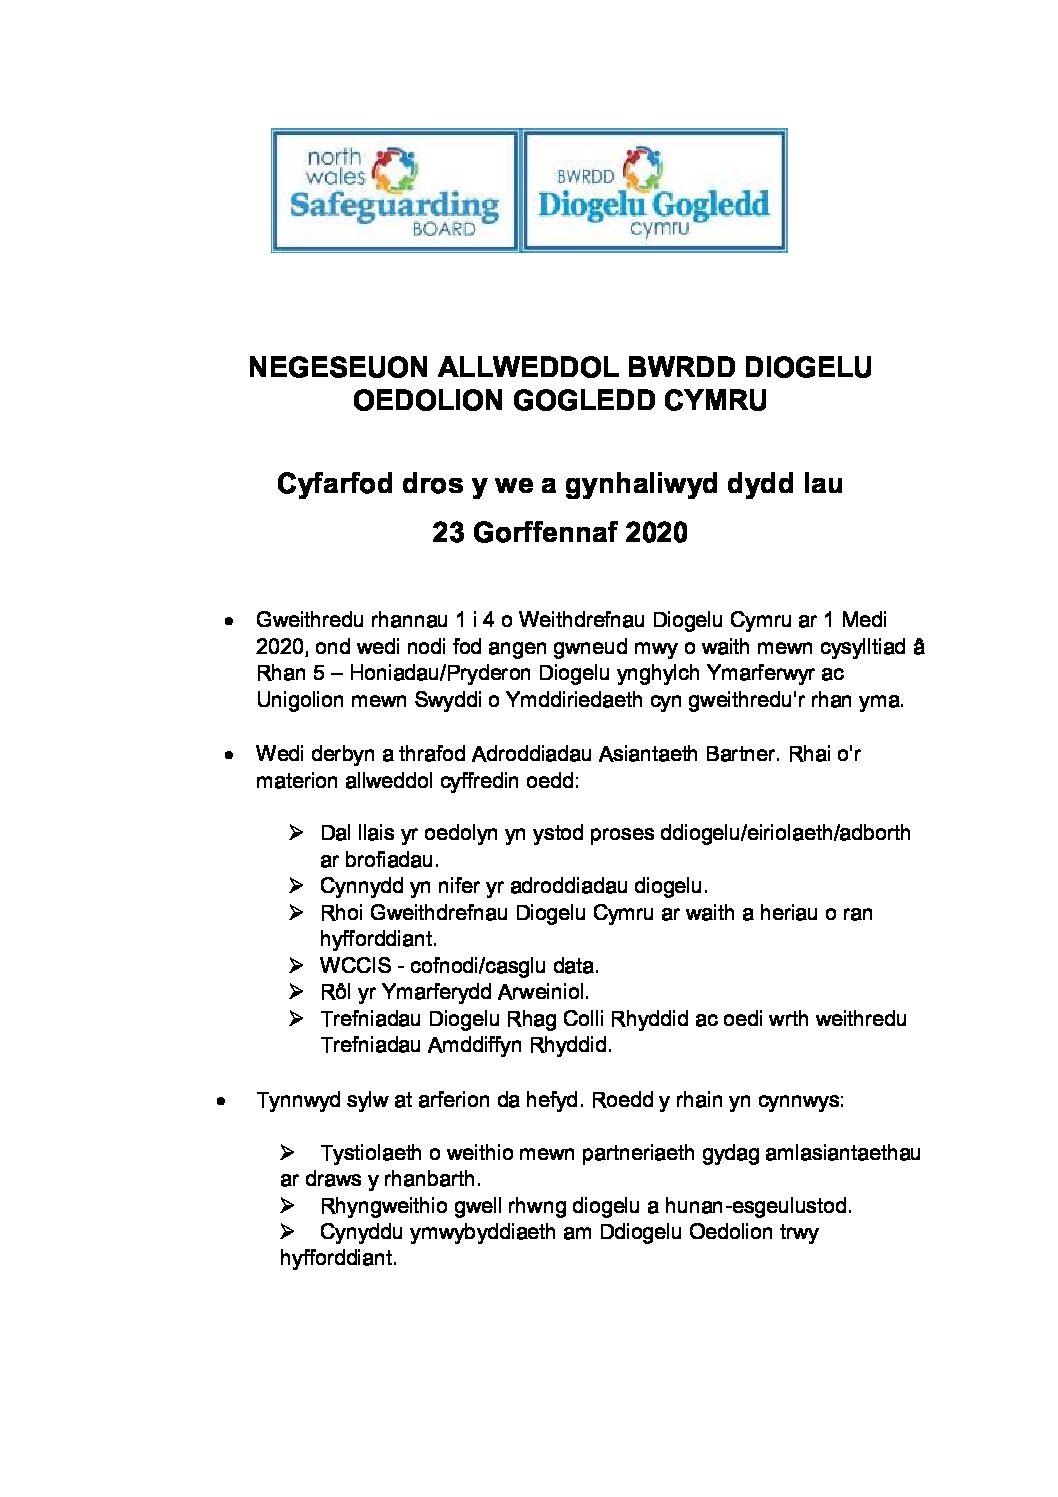 BDOGC Gorffennaf 2020 Negeseuon Allweddol